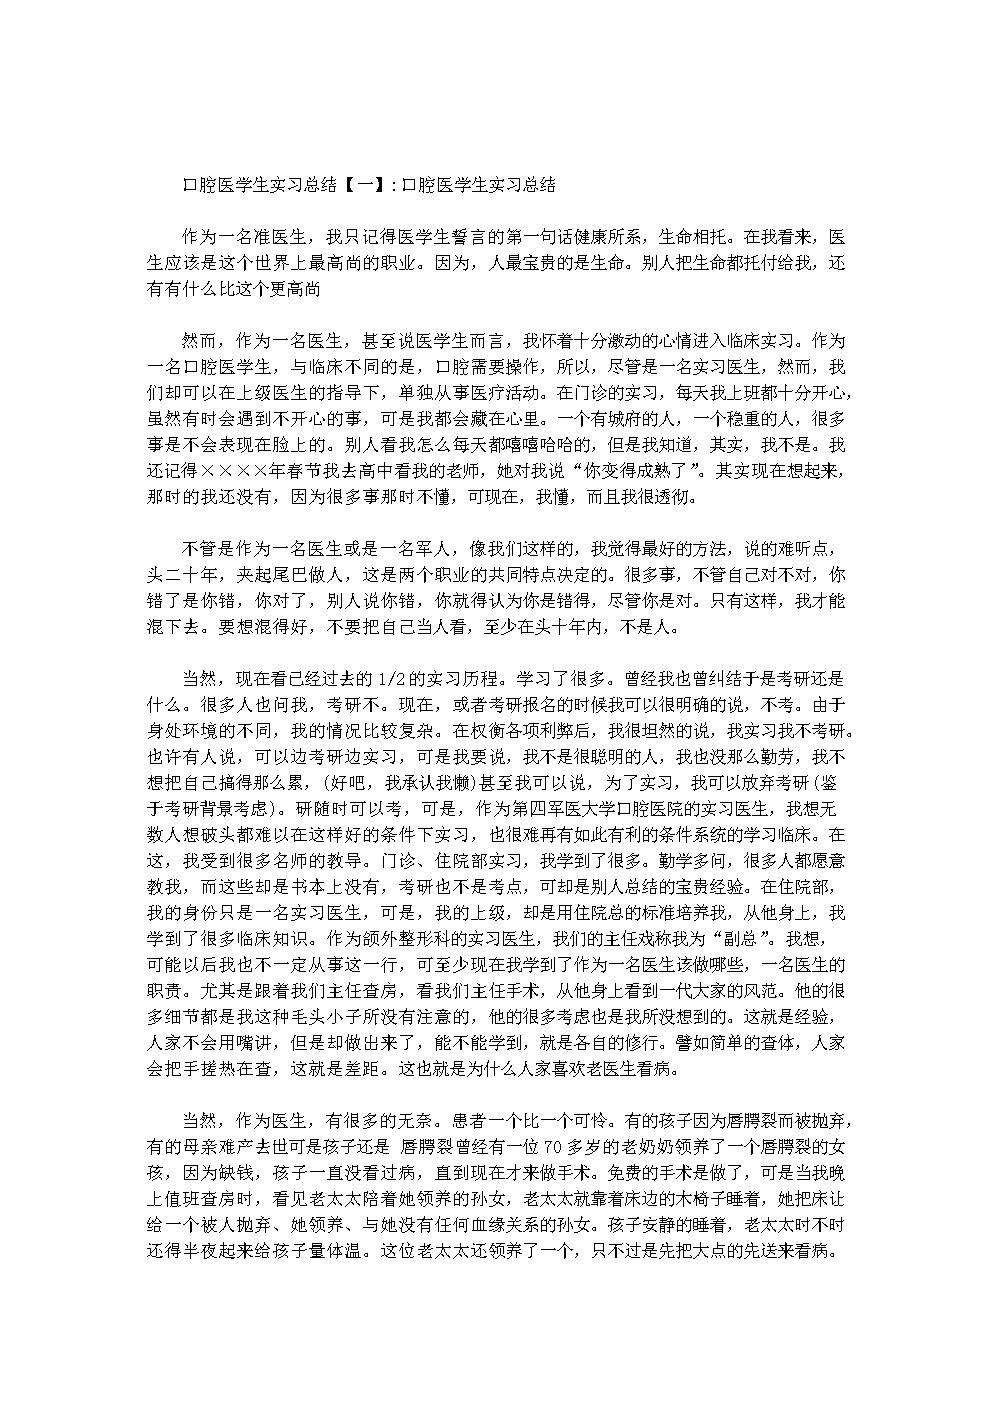 口腔医学生实习总结范文.doc